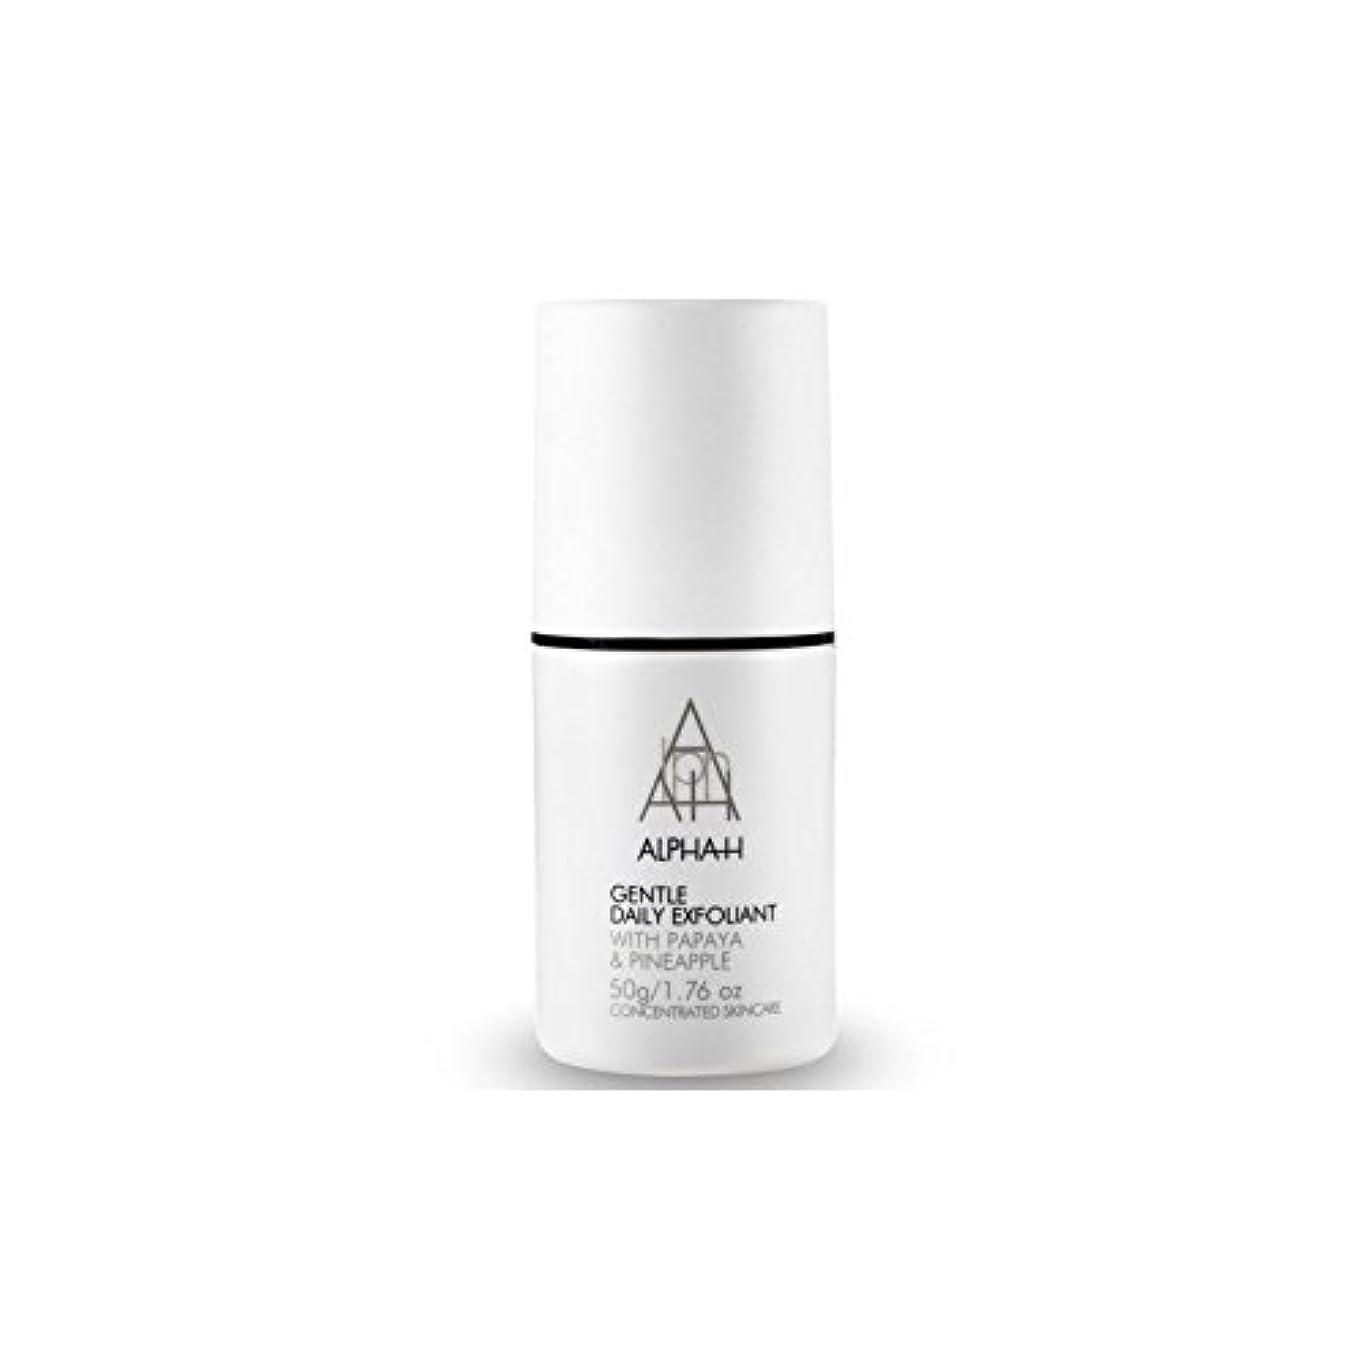 内部処理する小麦粉アルファ - 時間穏やか毎日の角質(50グラム) x2 - Alpha-H Gentle Daily Exfoliant (50G) (Pack of 2) [並行輸入品]